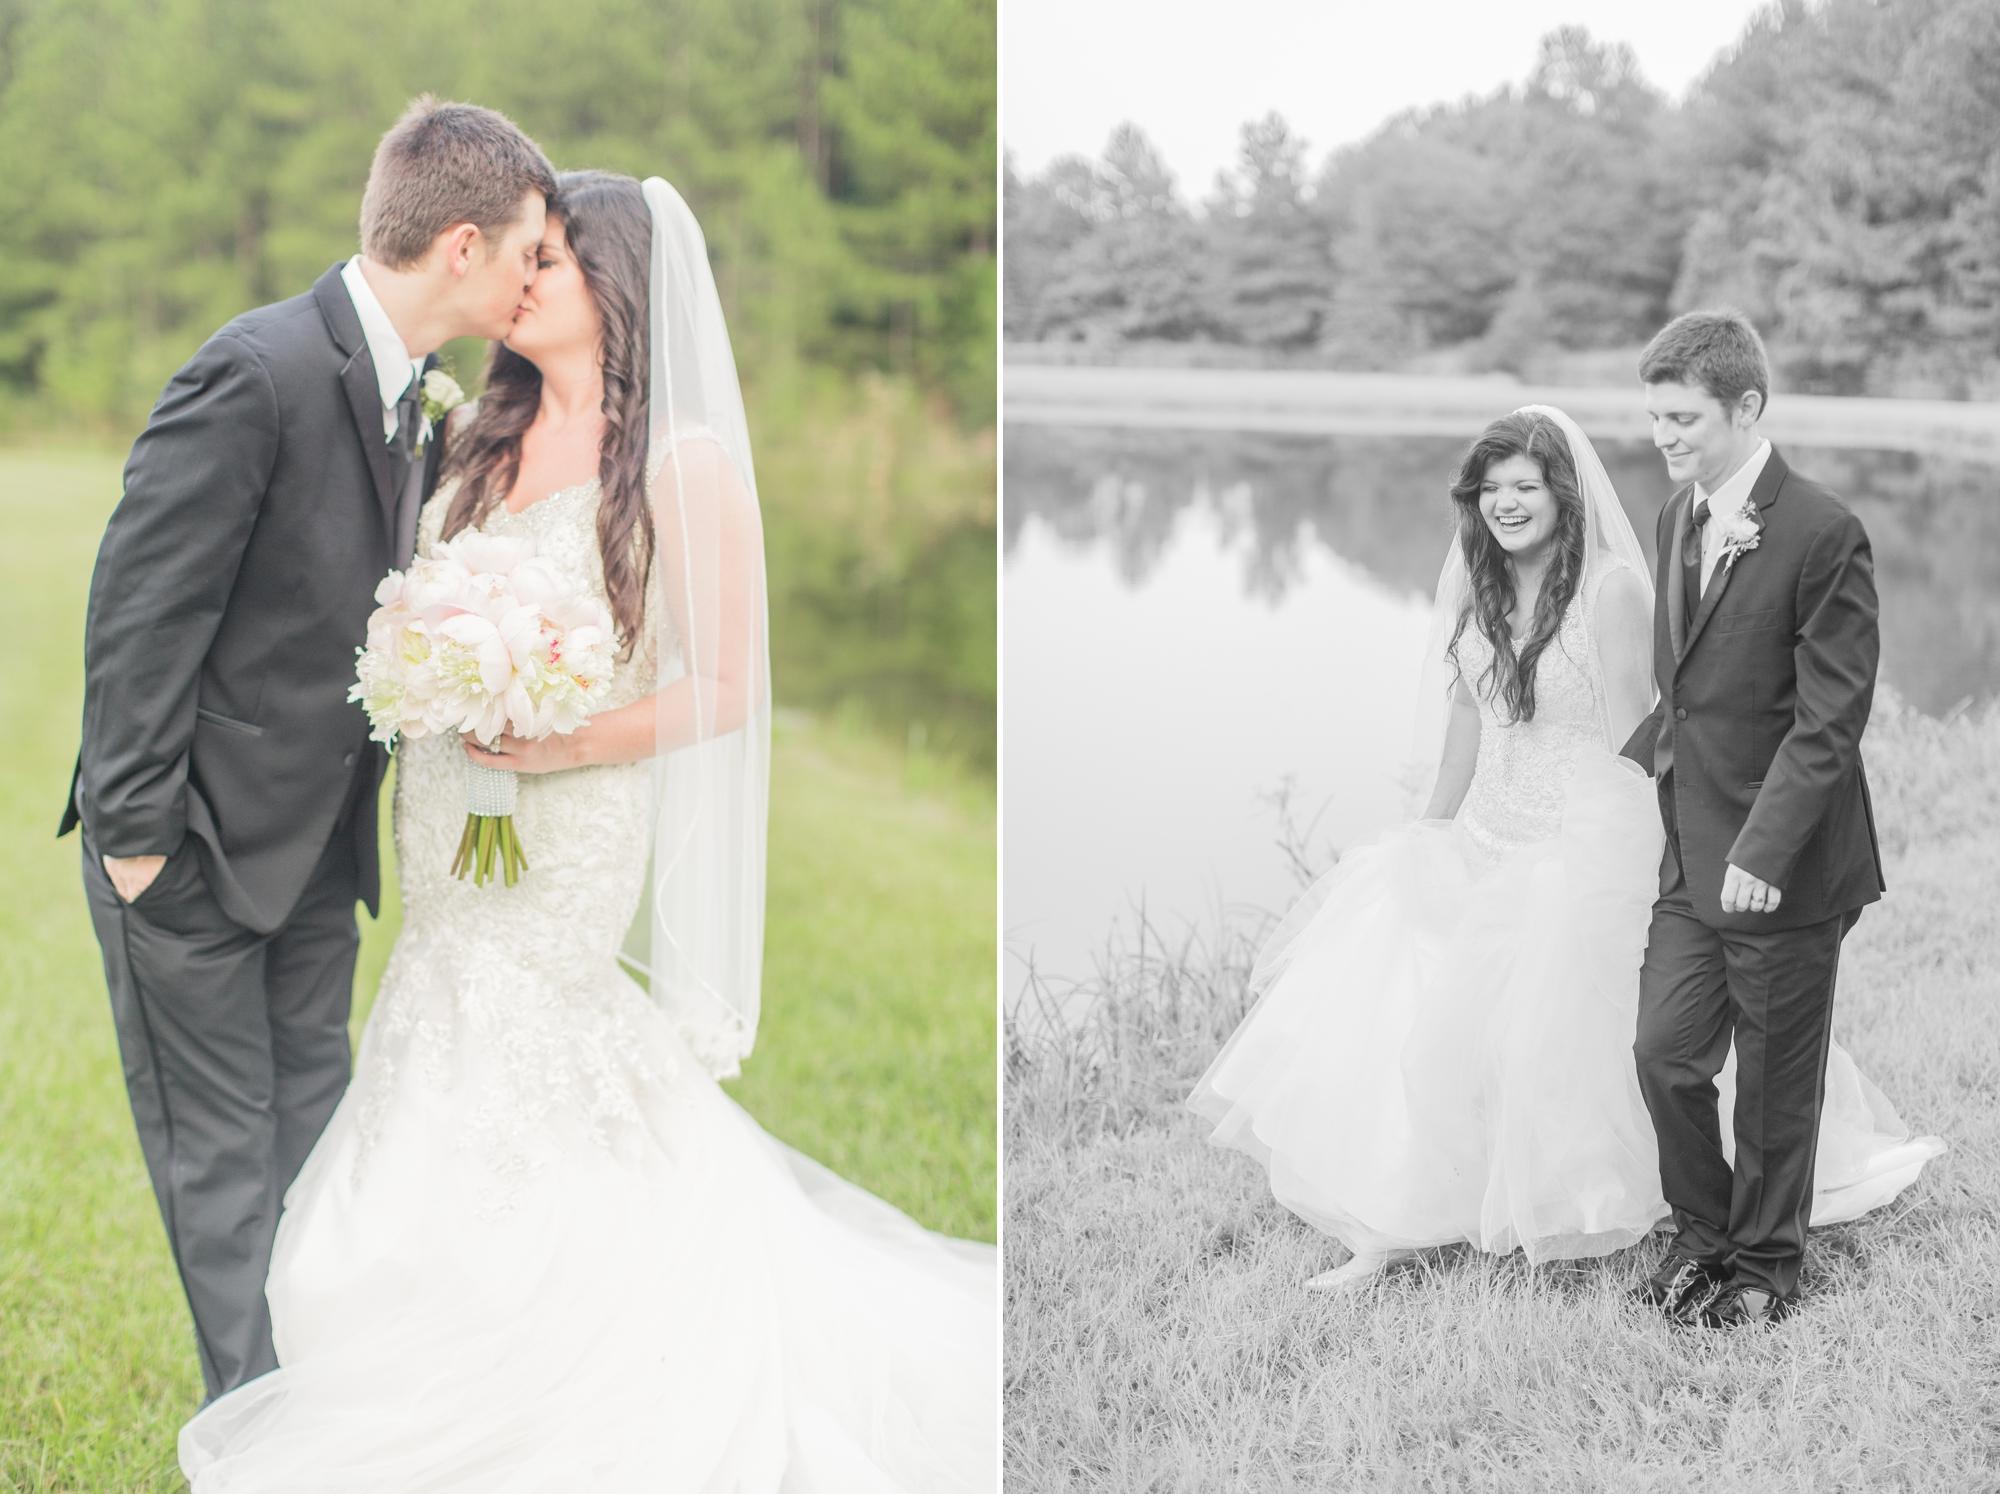 philadelphia-mississippi-summer-wedding 67.jpg